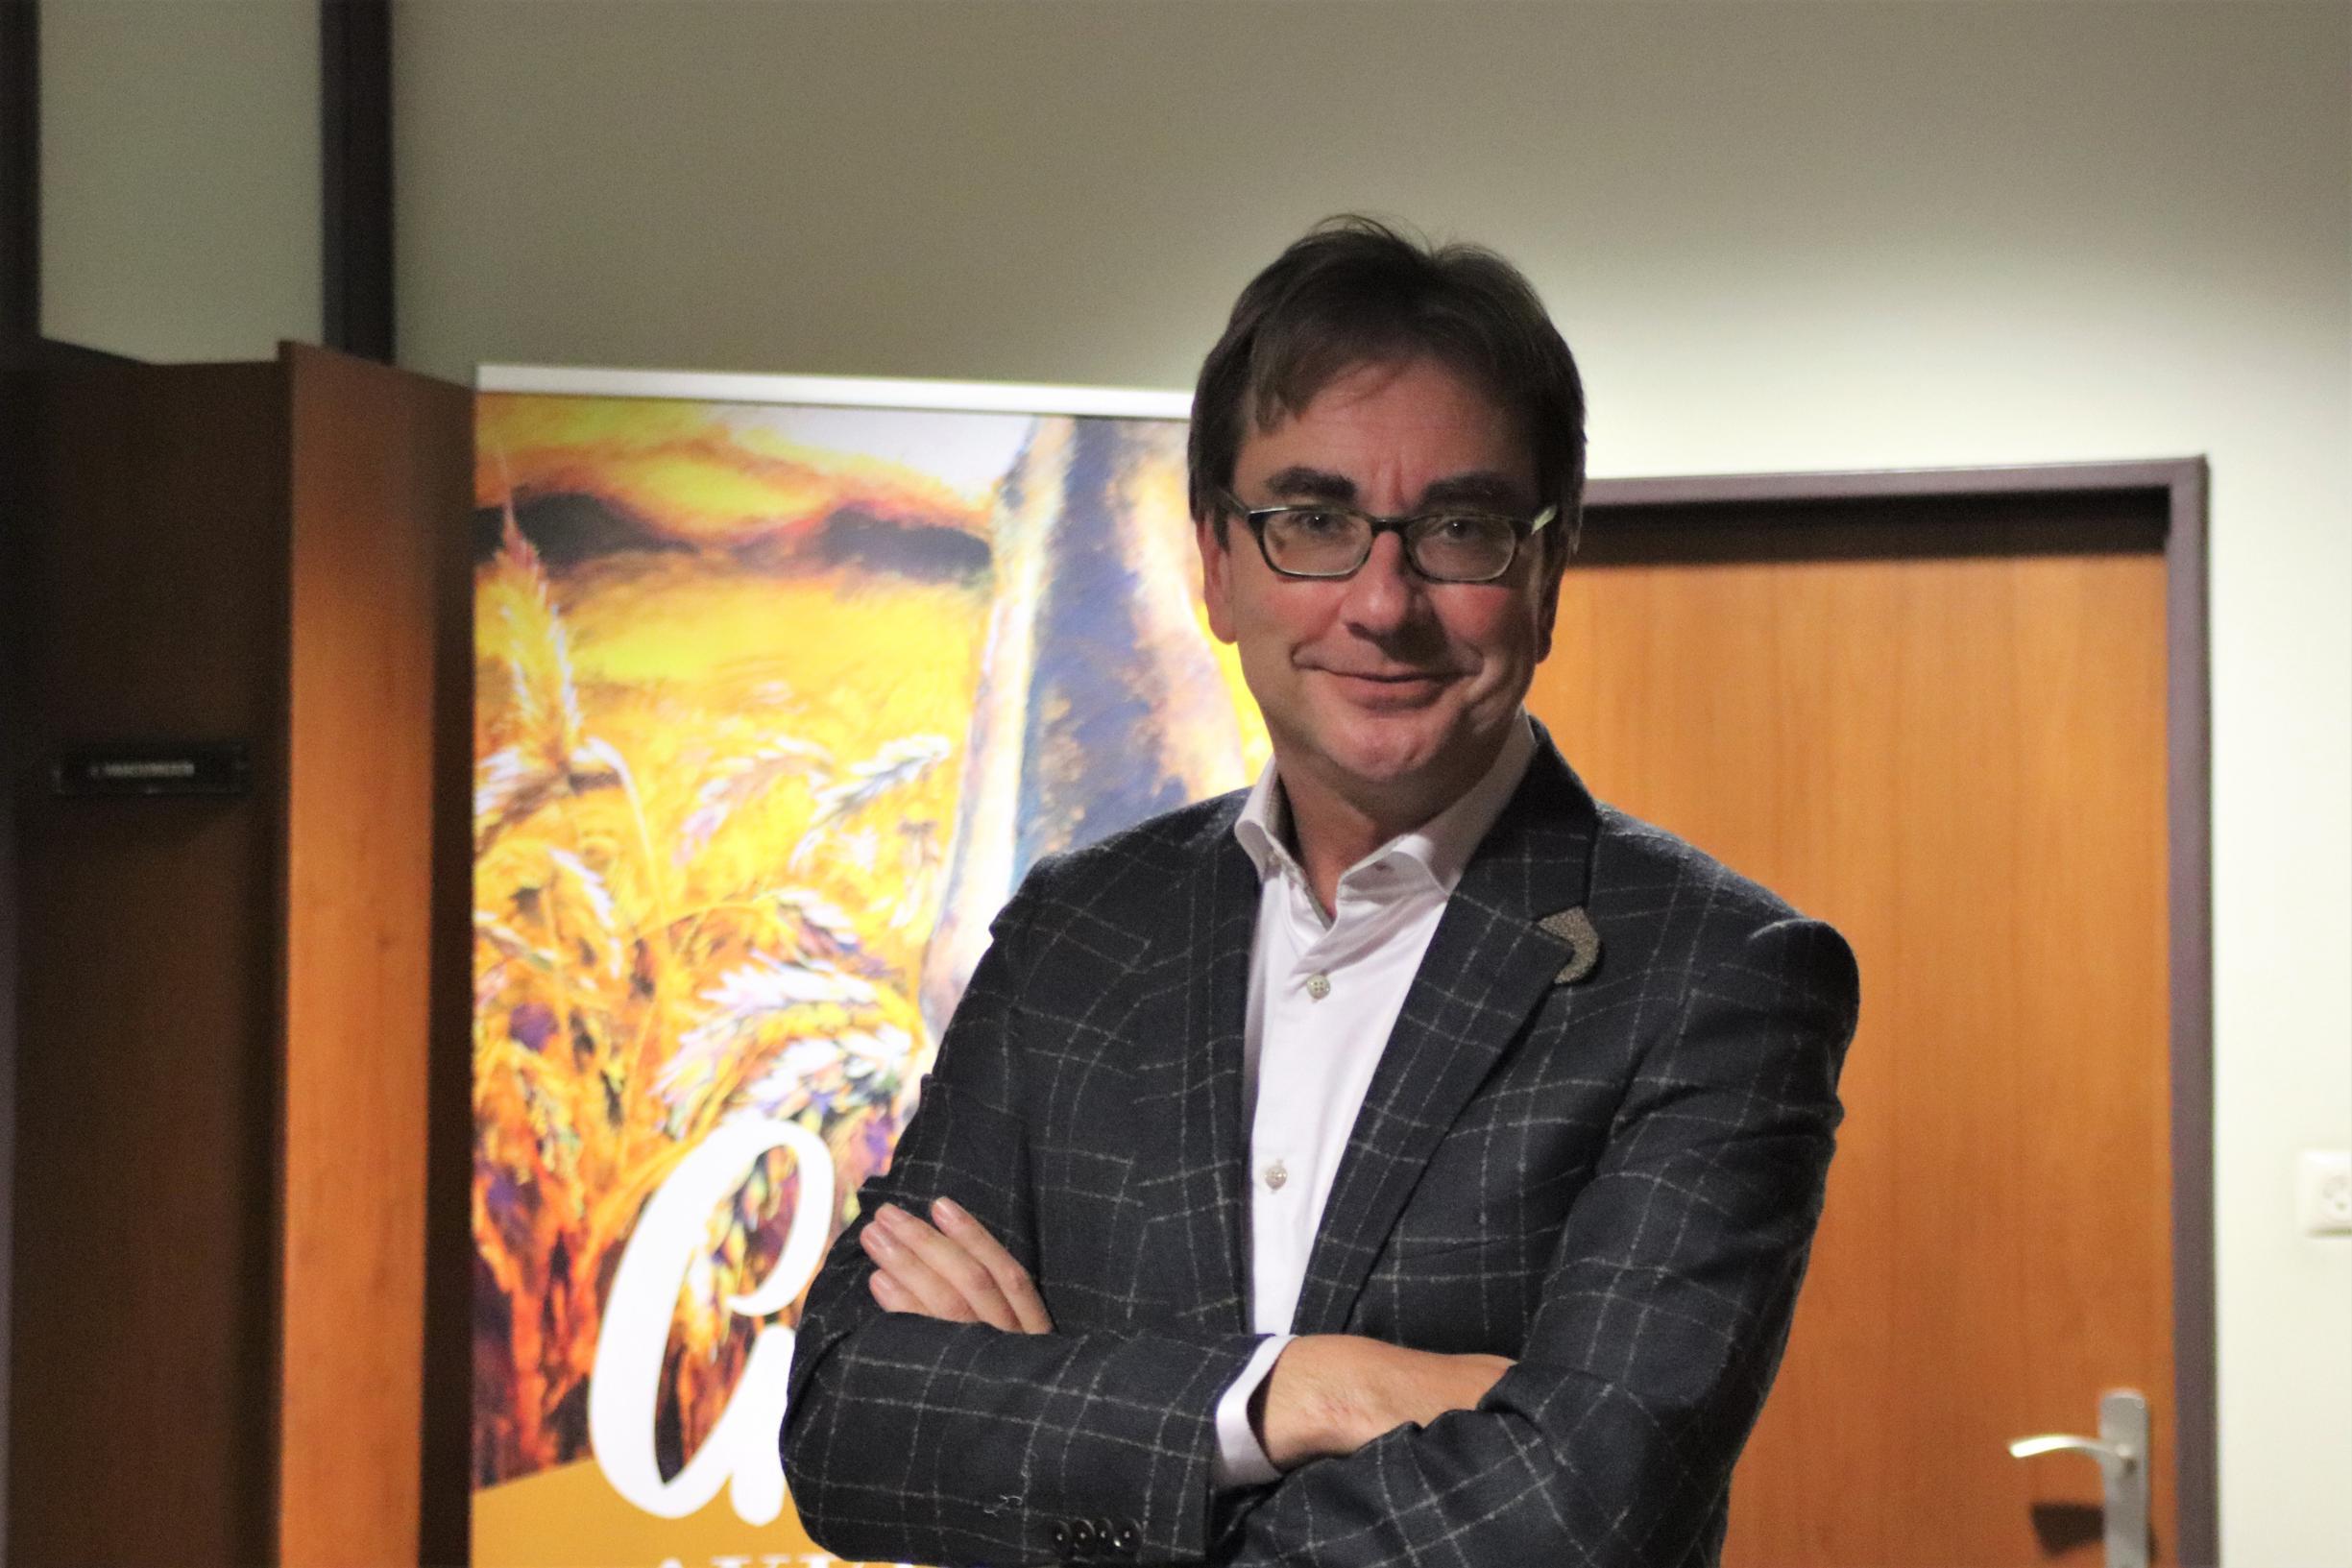 Ex-burgemeester Deloffer wordt afgevaardigde van de bisschop - Het Belang van Limburg